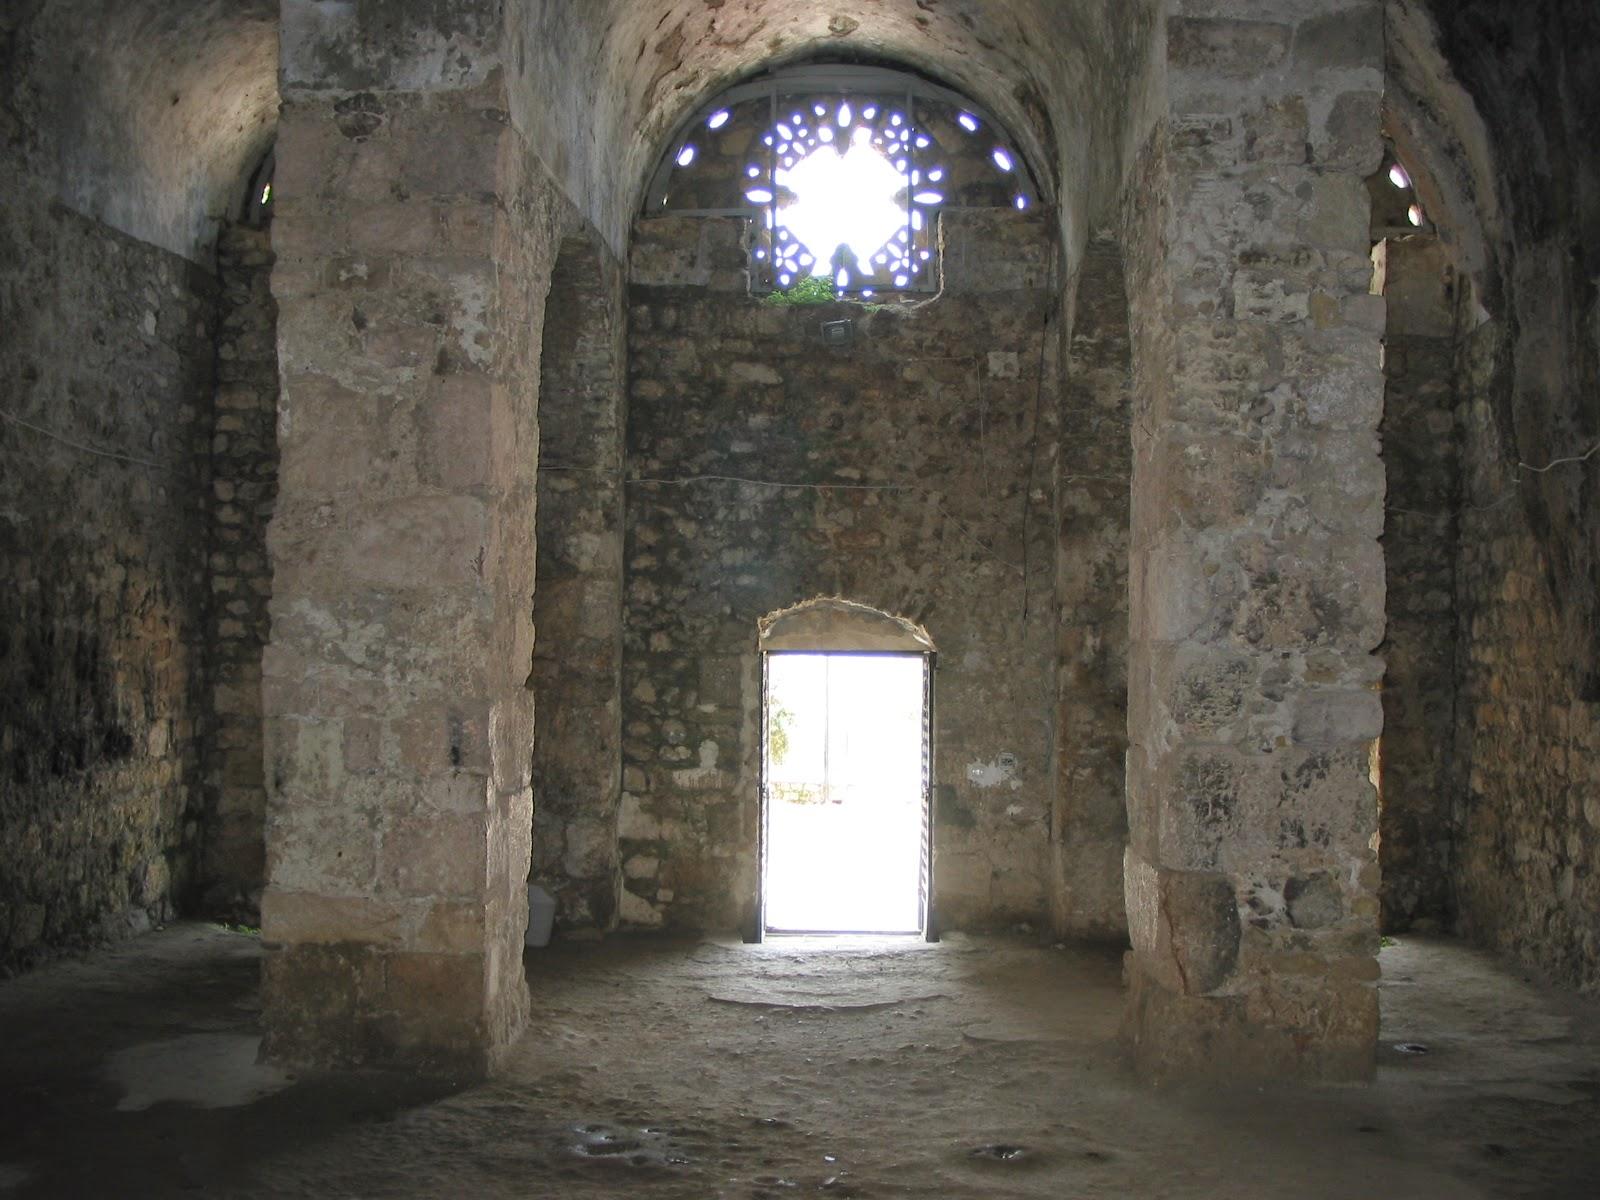 St Pierre Kilisesi Antakya